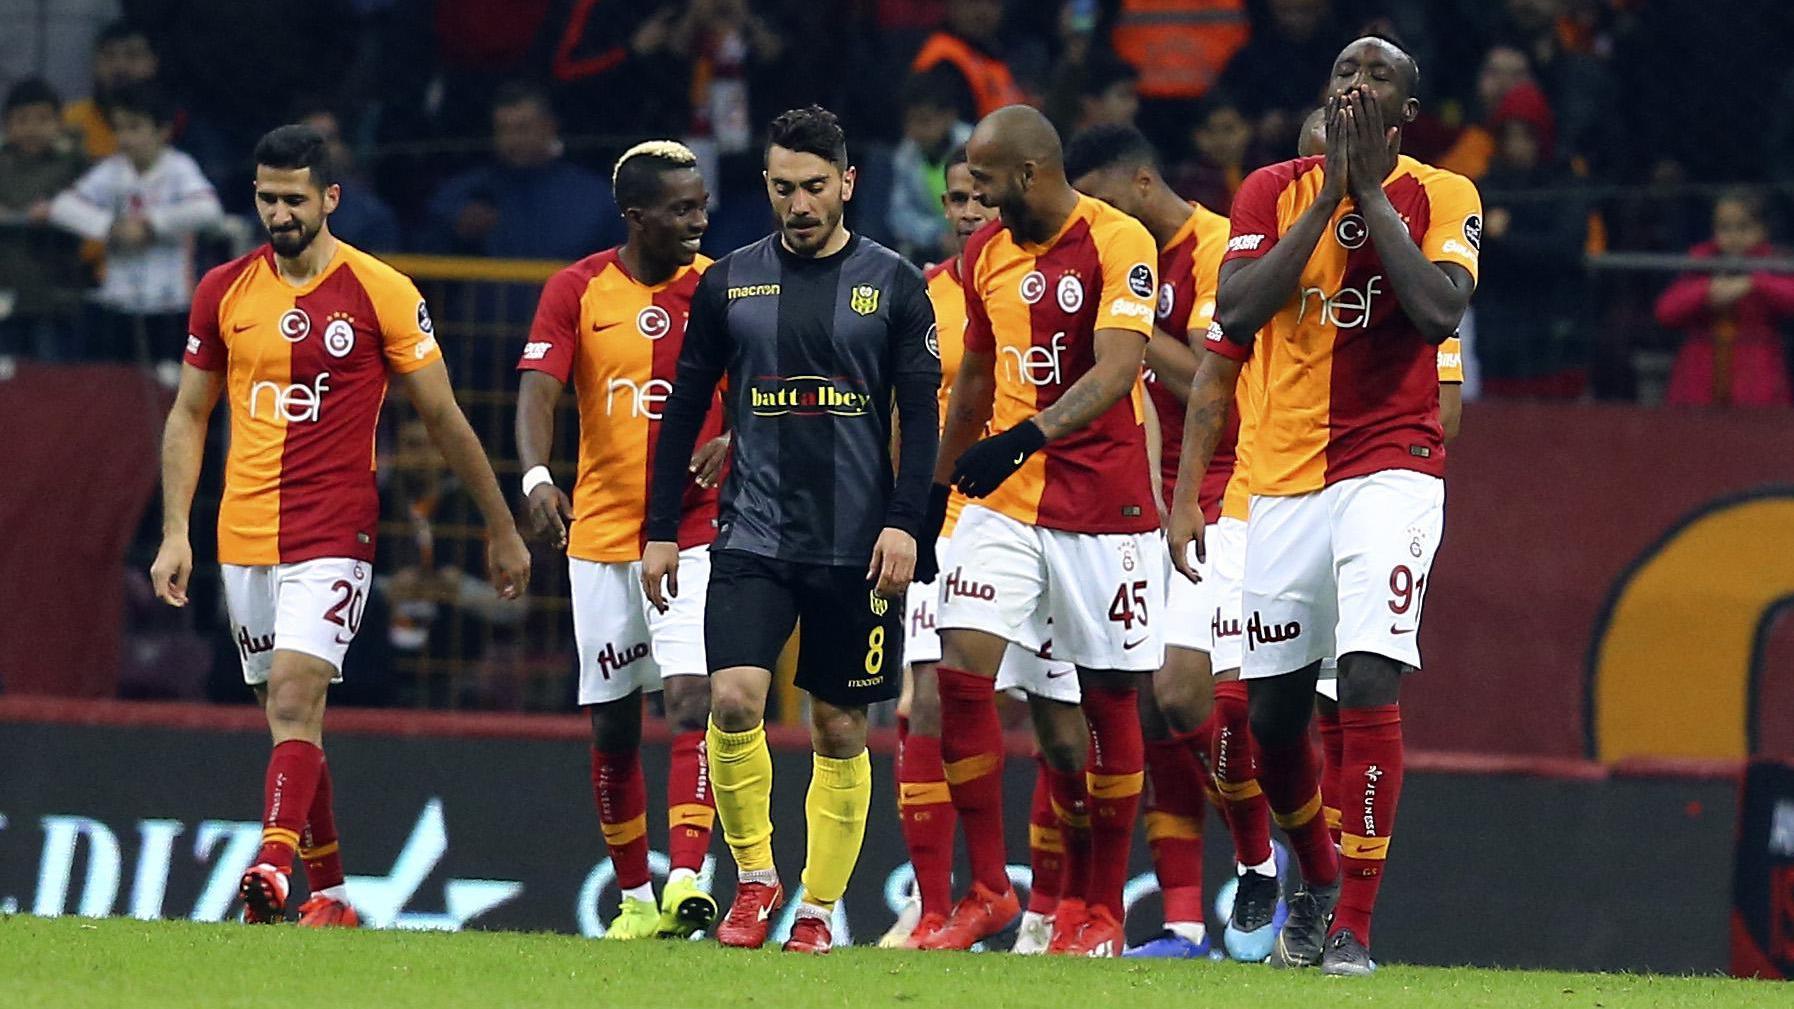 Fotoğraflarla Galatasaray - Evkur Yeni Malatyaspor maçı!